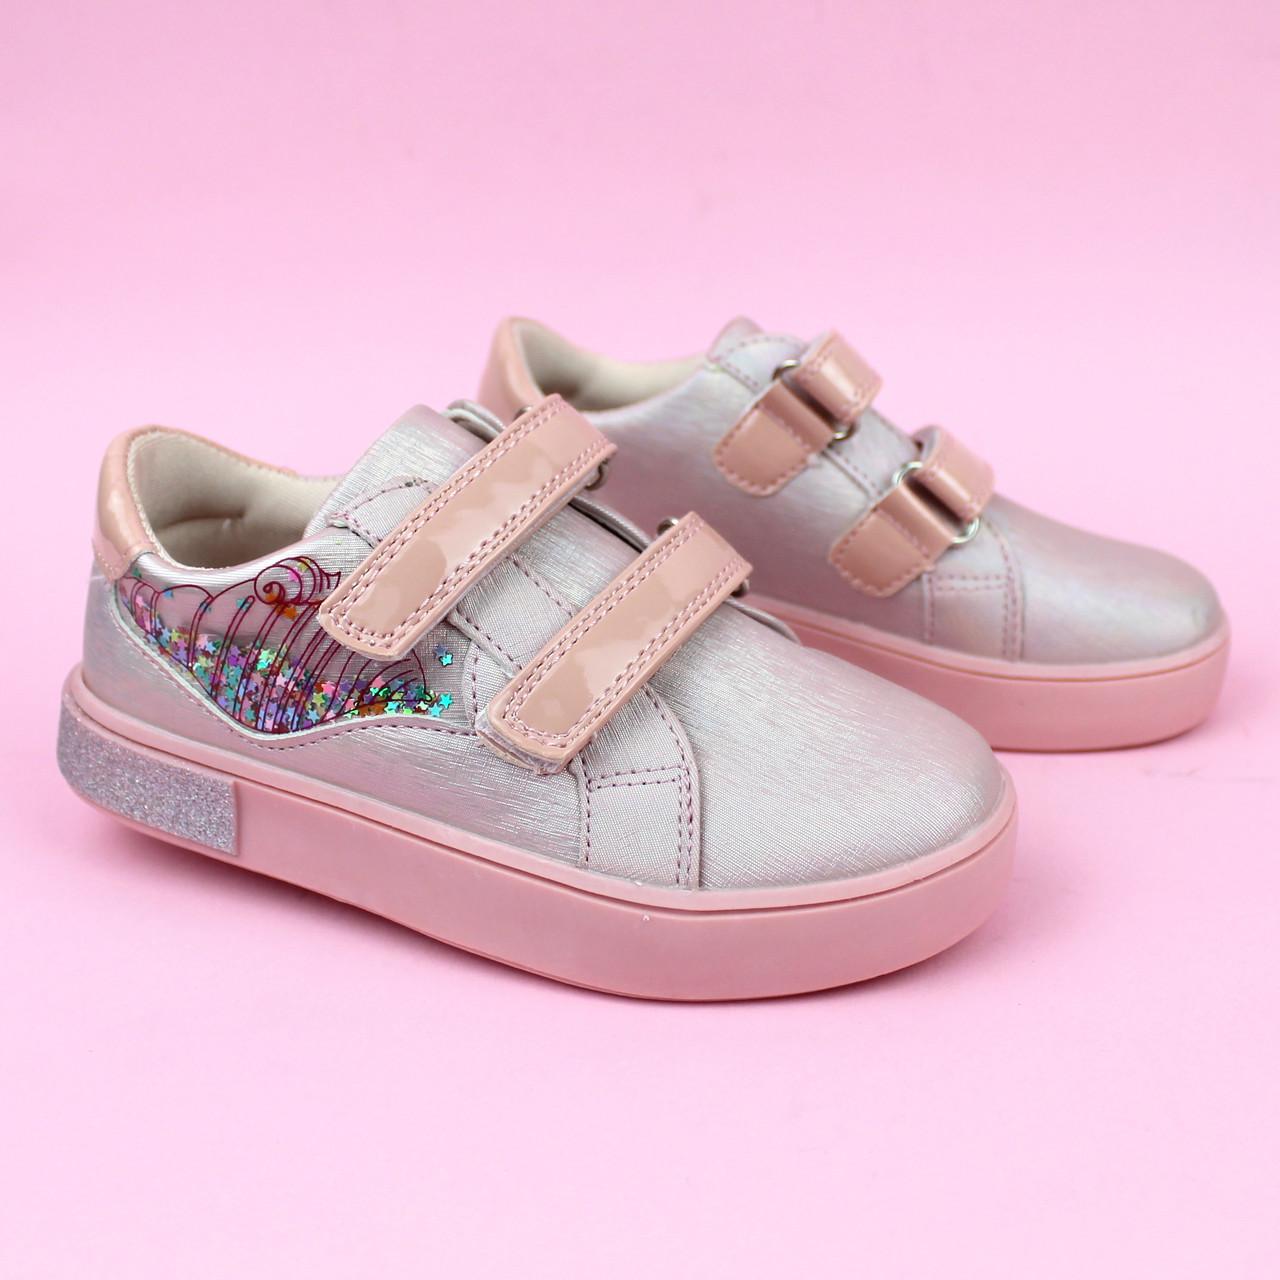 Детские кроссовки слипоны девочке розовая пудра бренд обуви Том.м размер 31,32